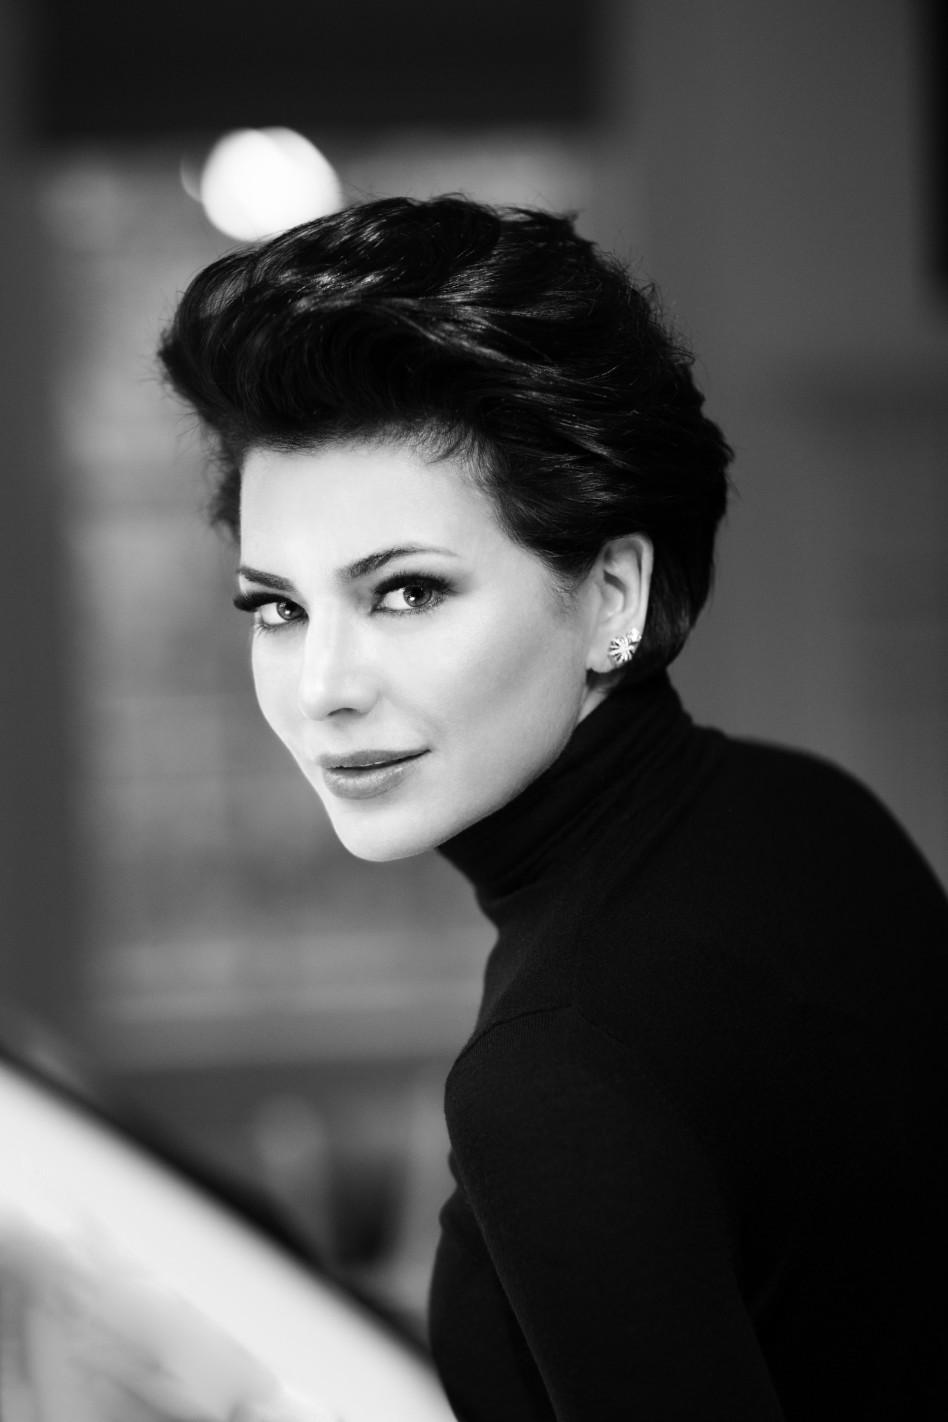 אלכסנדרה מור (צילום: הארדי קלאהולד)